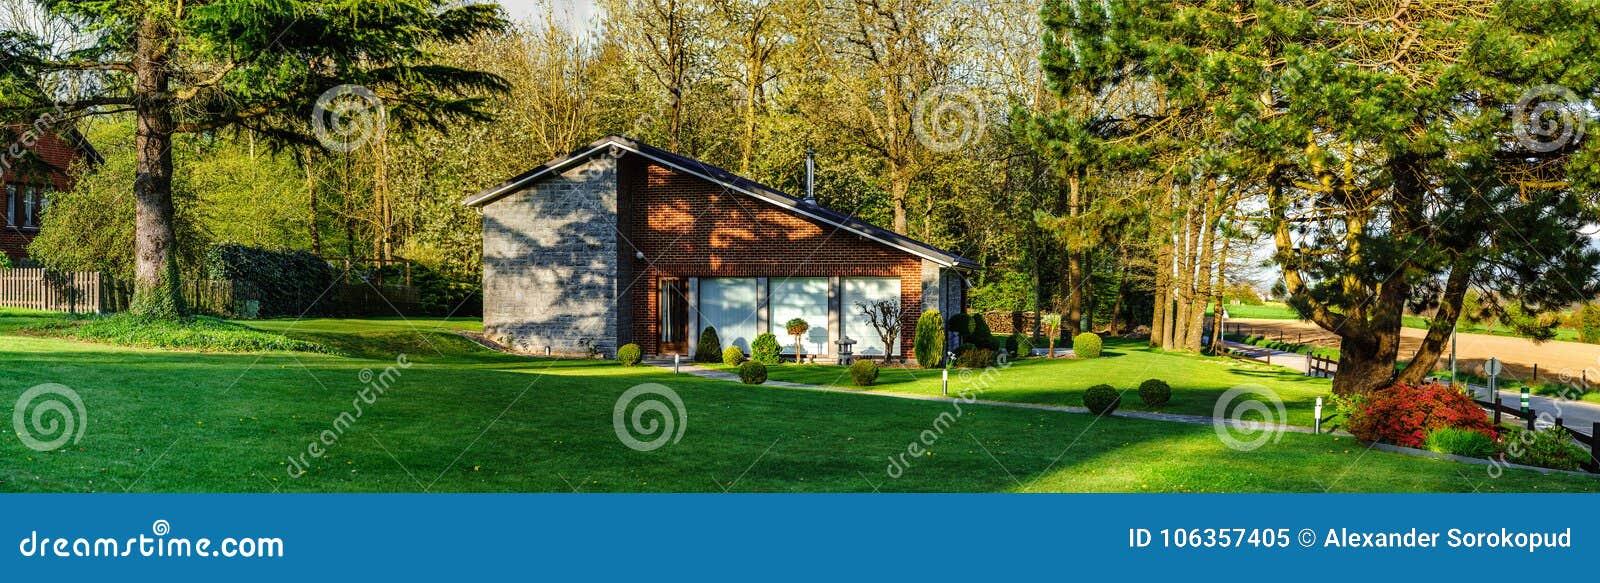 Maison Moderne De Famille Dans Lu0027endroit Calme De Nature, Temps De Coucher  Du Soleil, Belgique